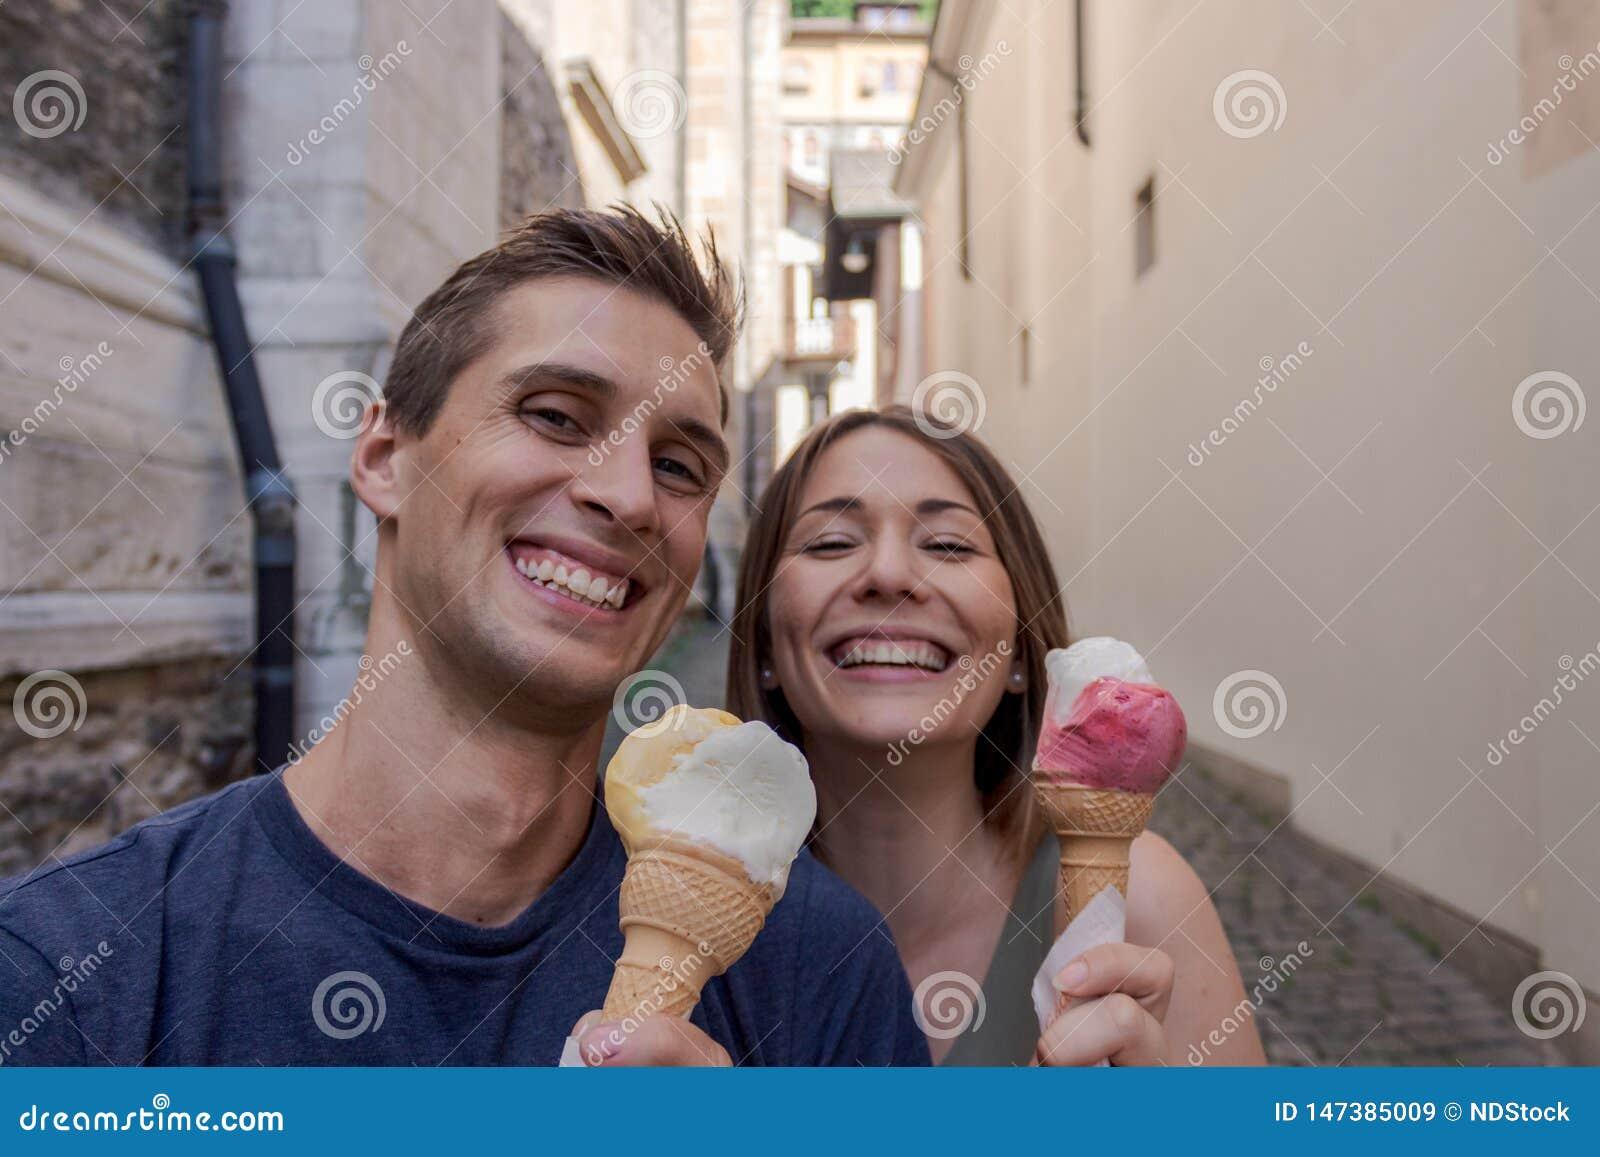 Jeunes couples mangeant la cr?me glac?e dans une all?e